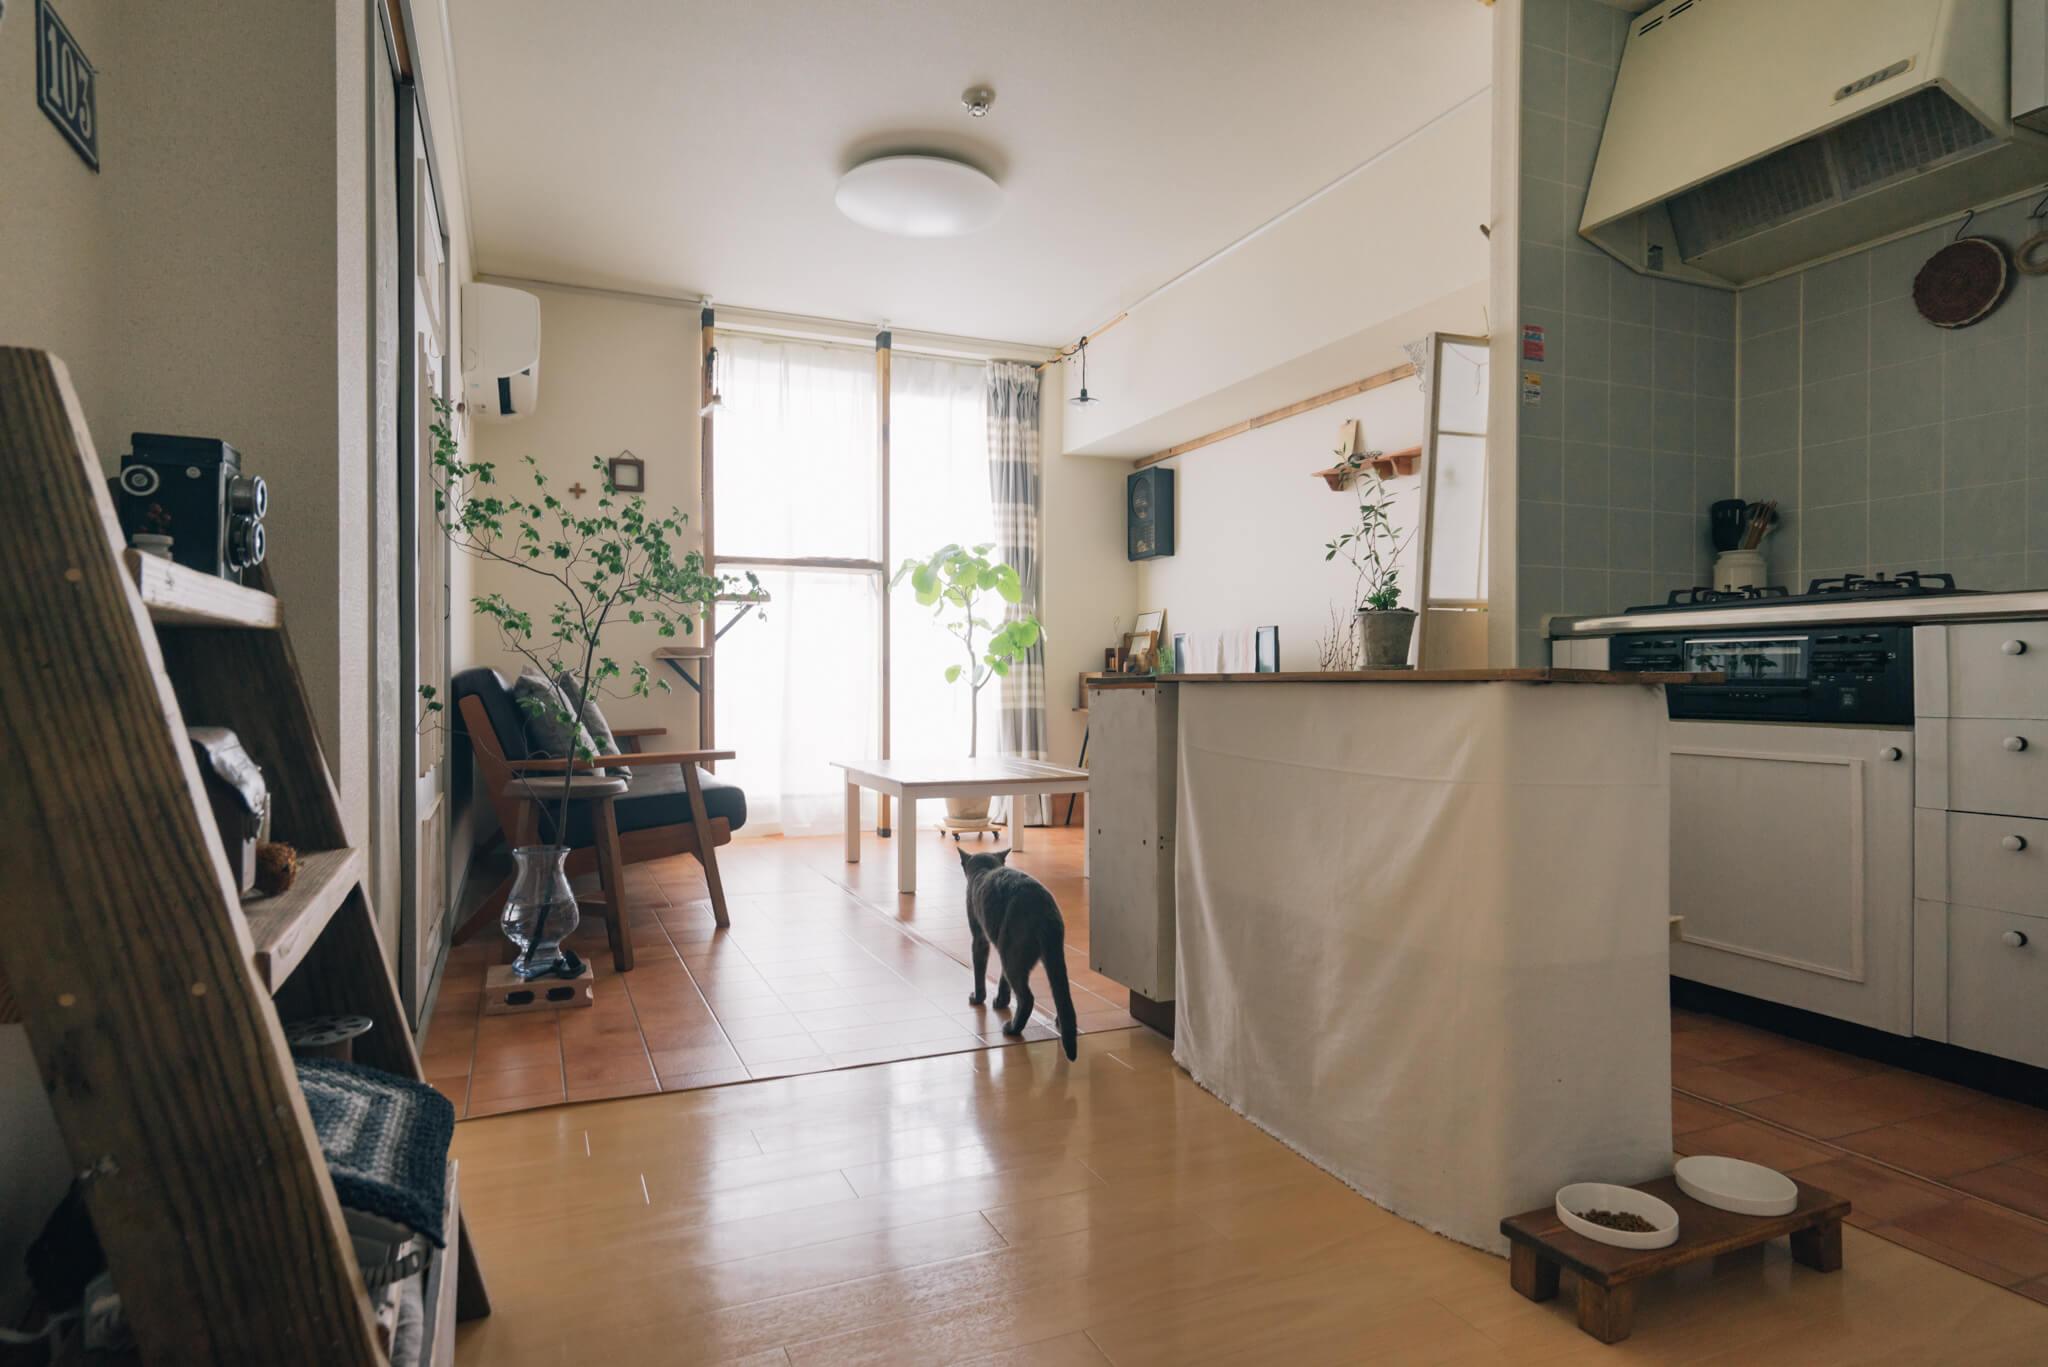 賃貸でペットを飼うとき、気をつけたほうがいいことって?